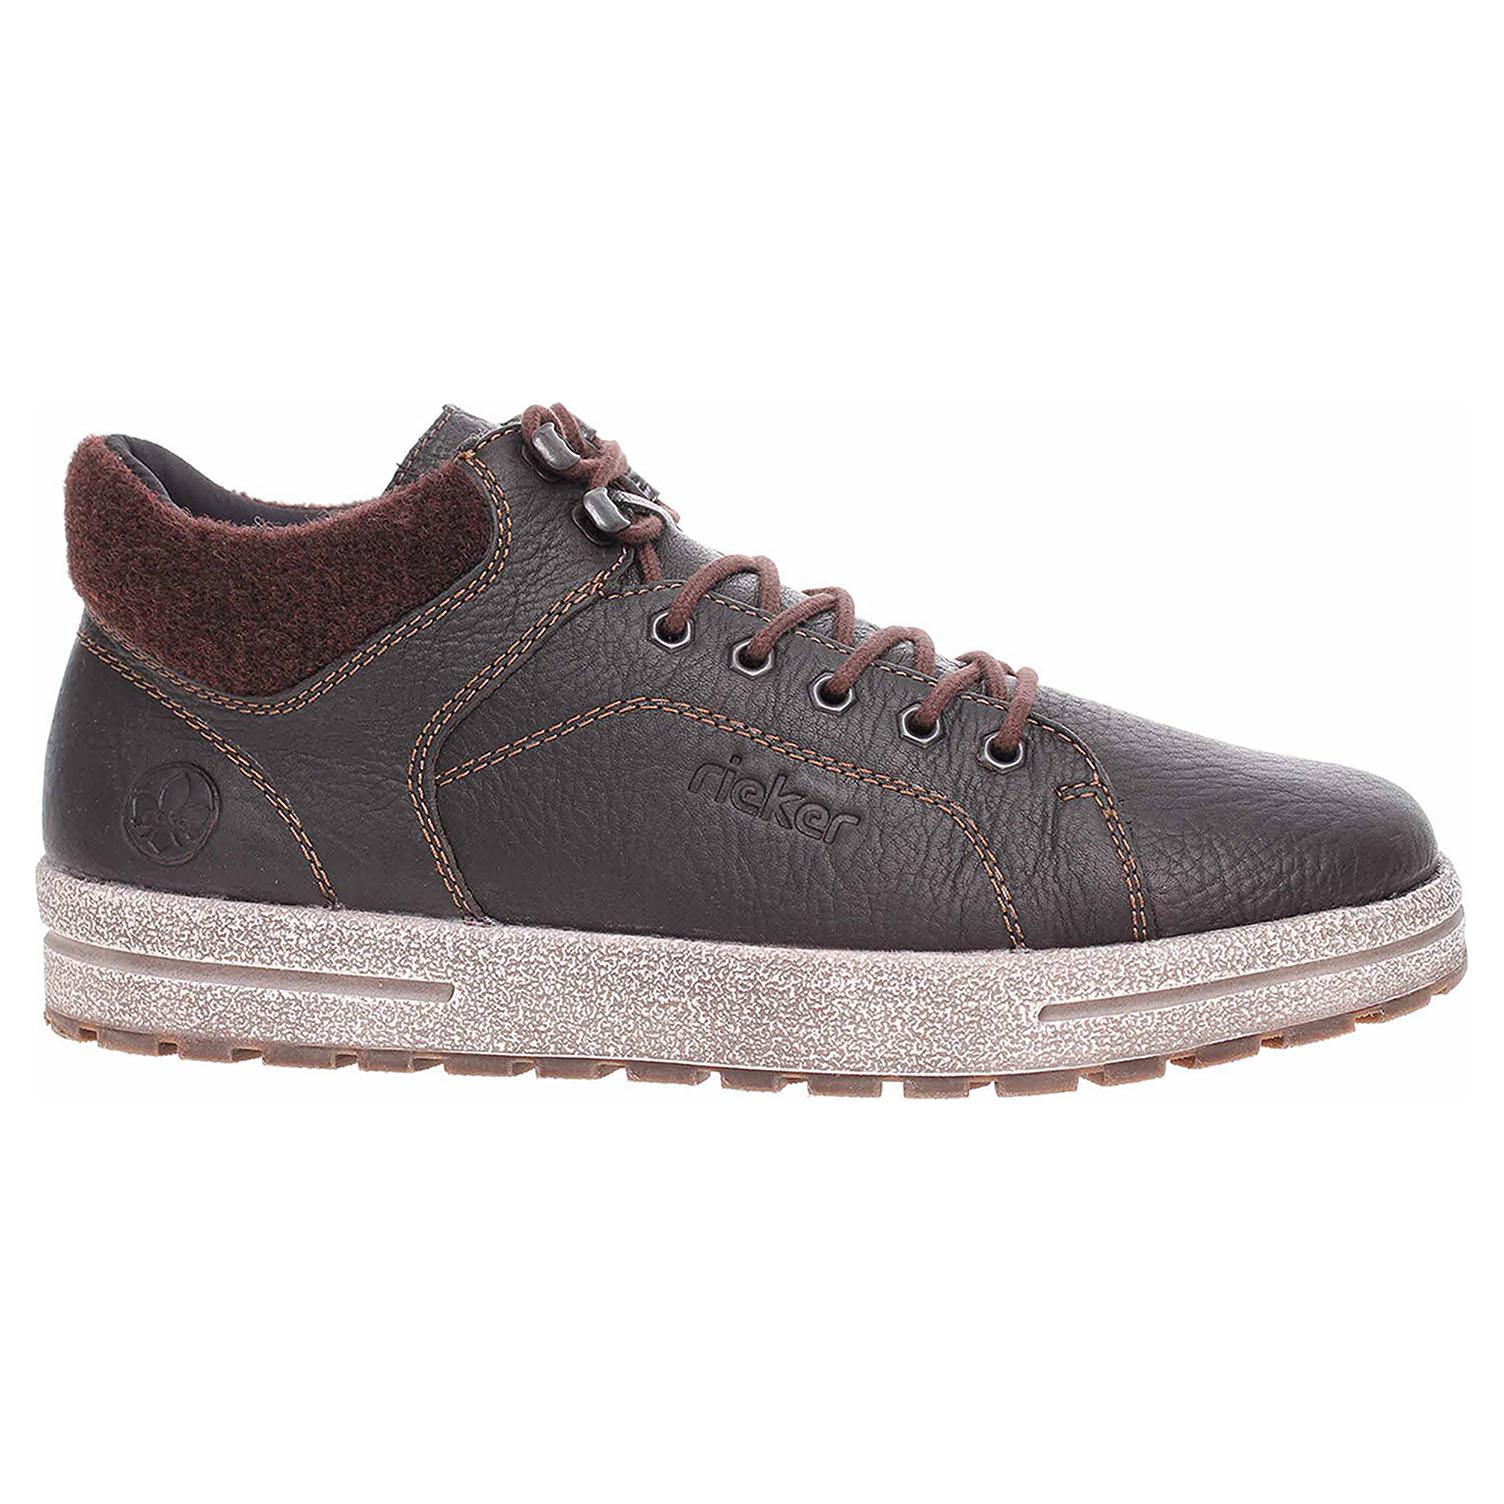 Pánská kotníková obuv Rieker 10740-26 braun 10740-26 41